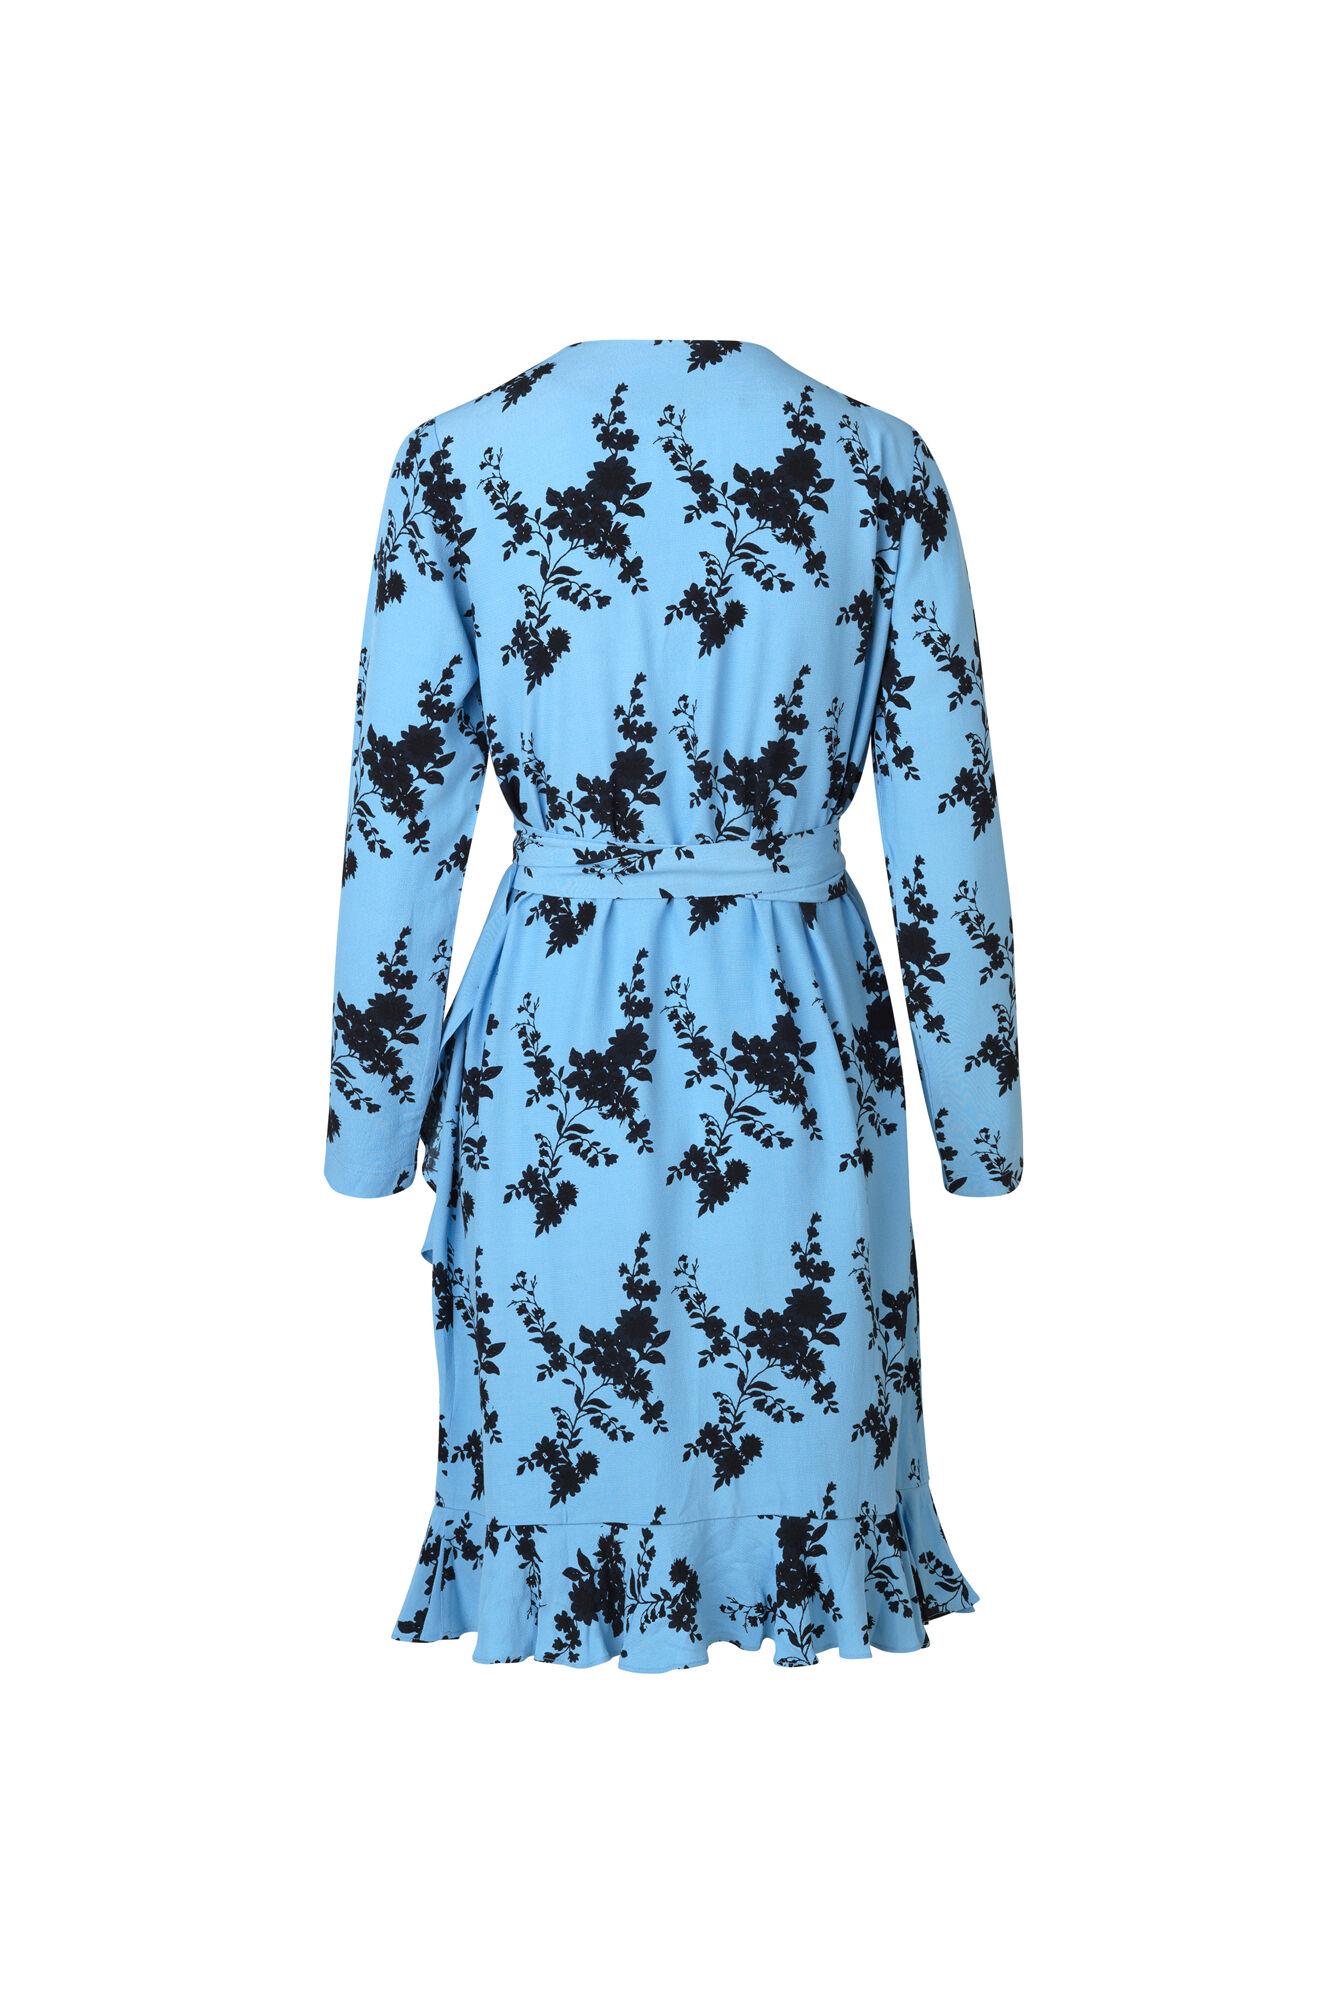 Limon ls dress aop 6515, BLUE BLOOM